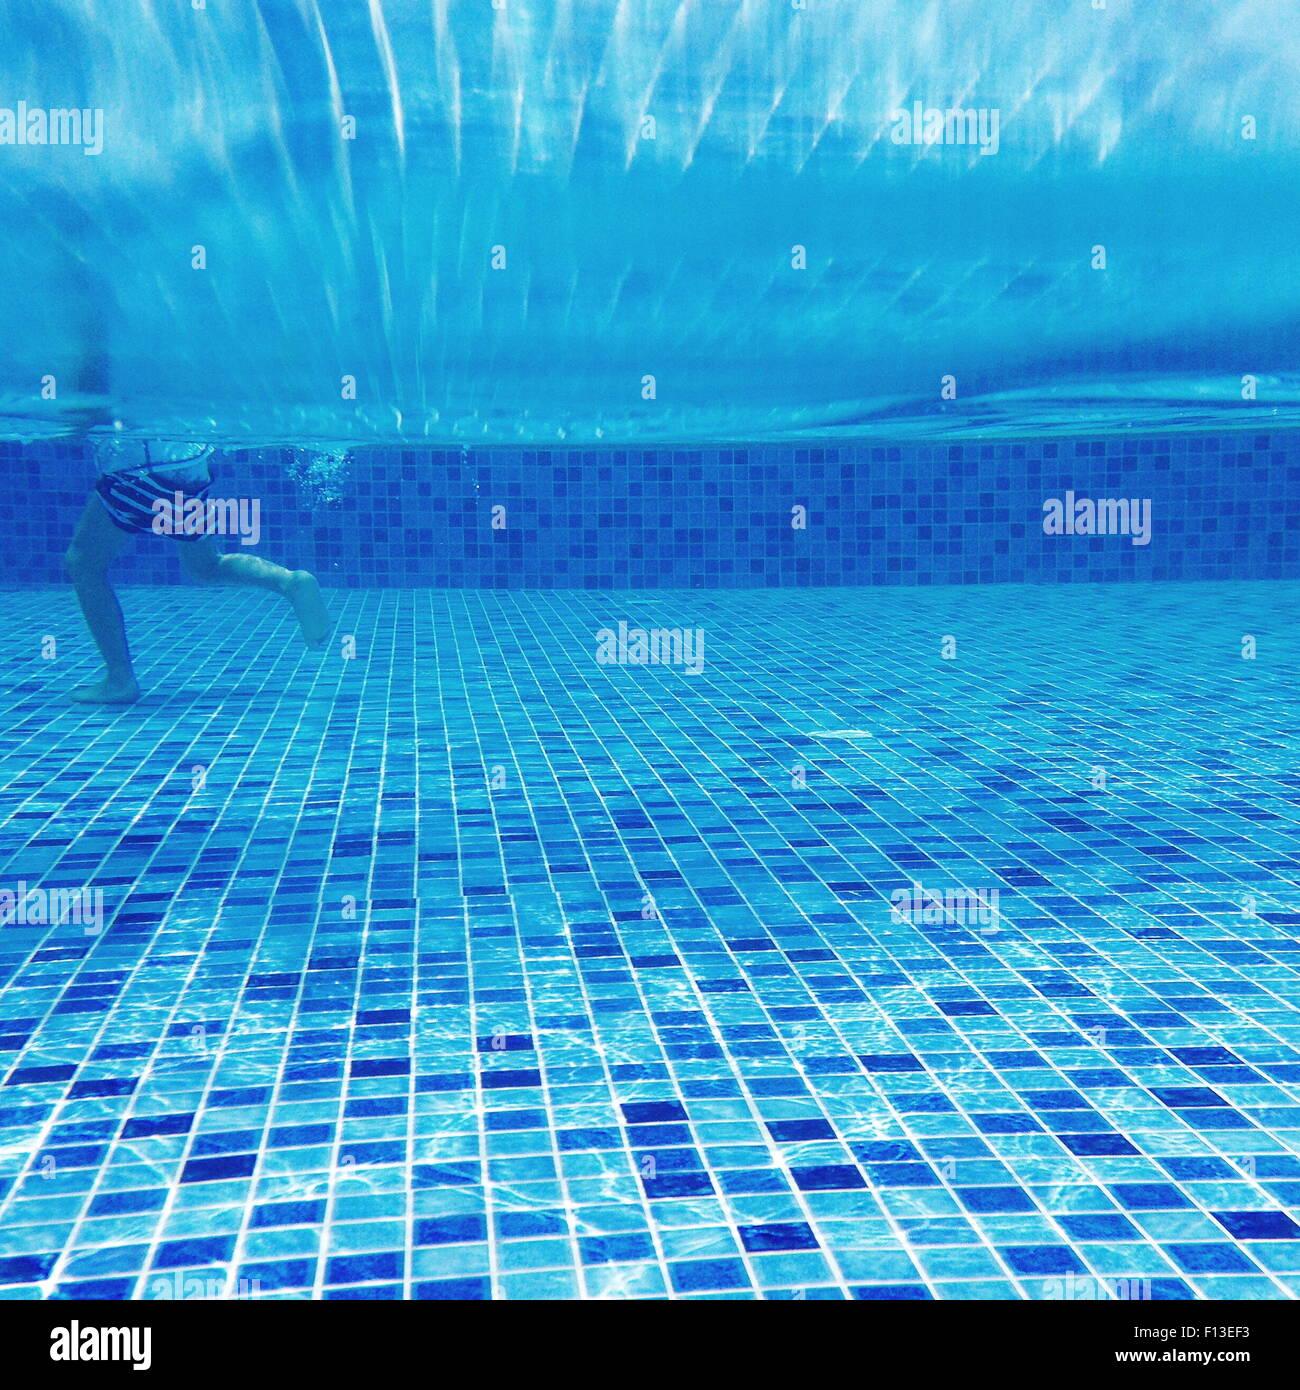 Vista subacquea di un ragazzo a camminare in una piscina Immagini Stock